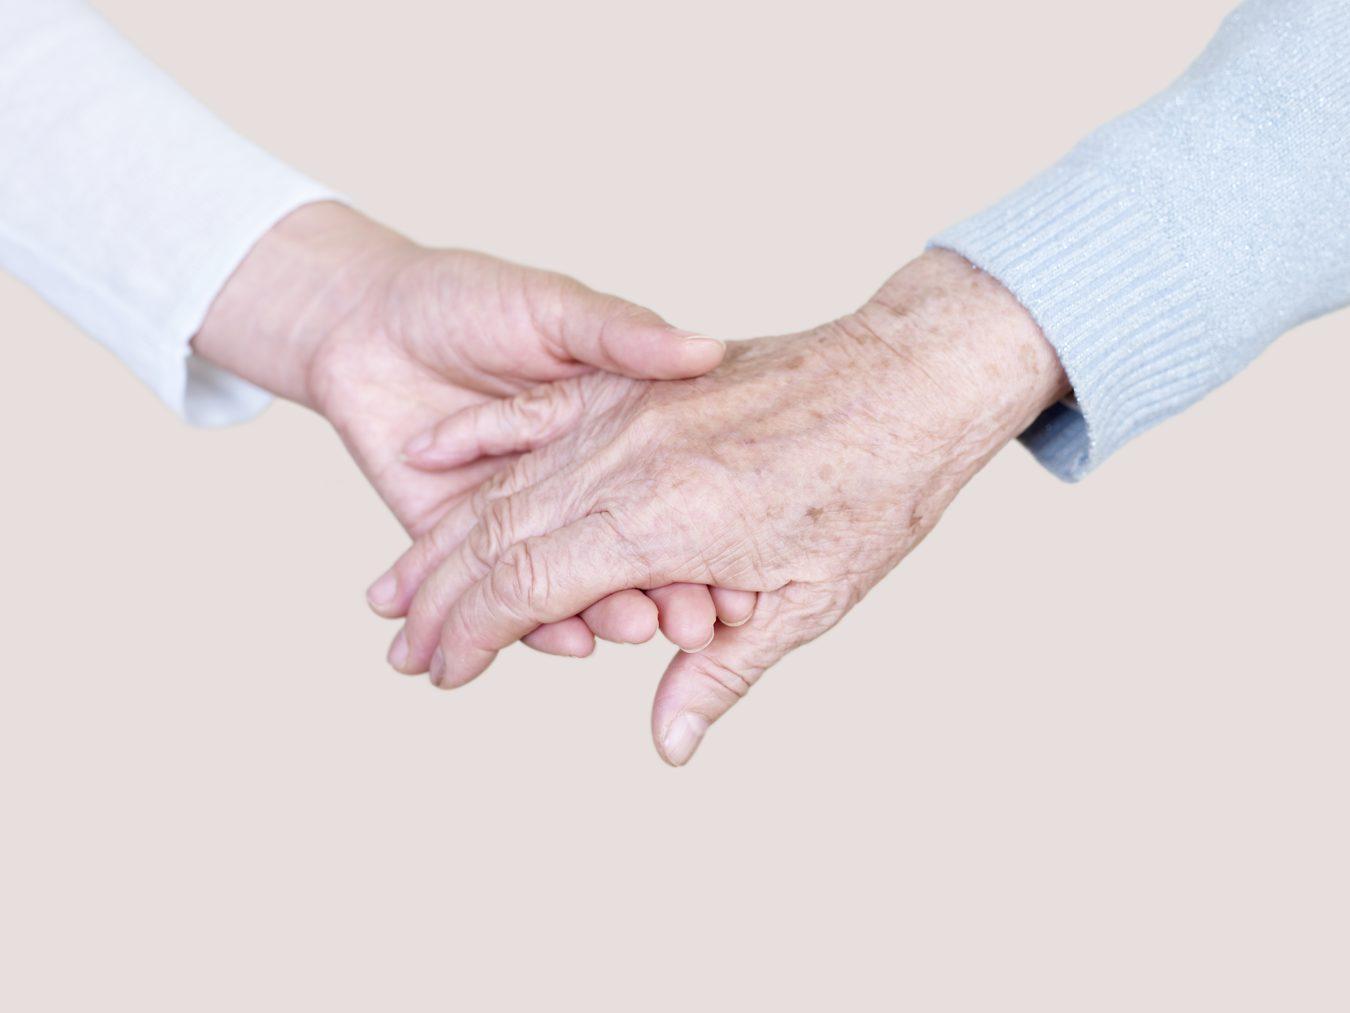 Pflegeteam Hamel, Partner für ambulante Pflege und Betreuung